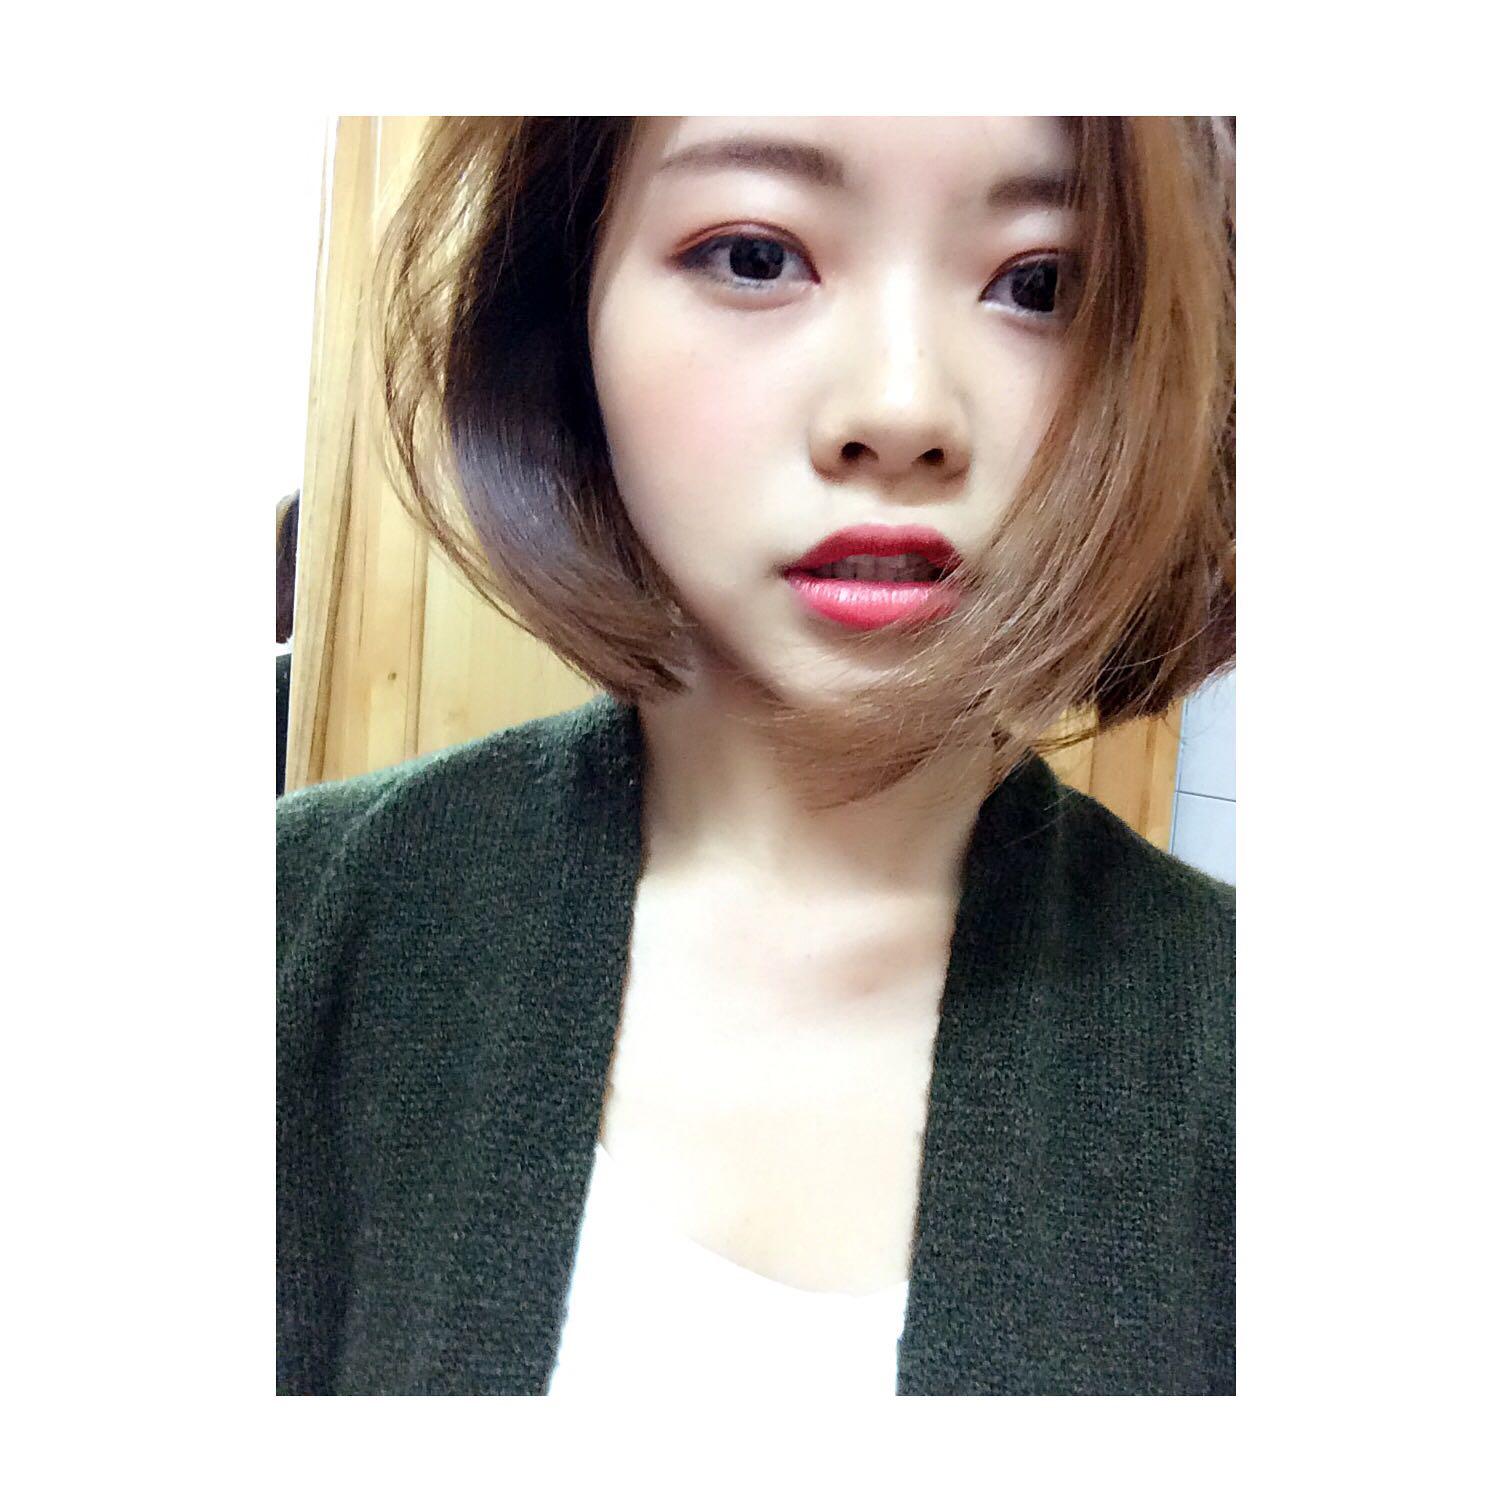 jiahui_lin